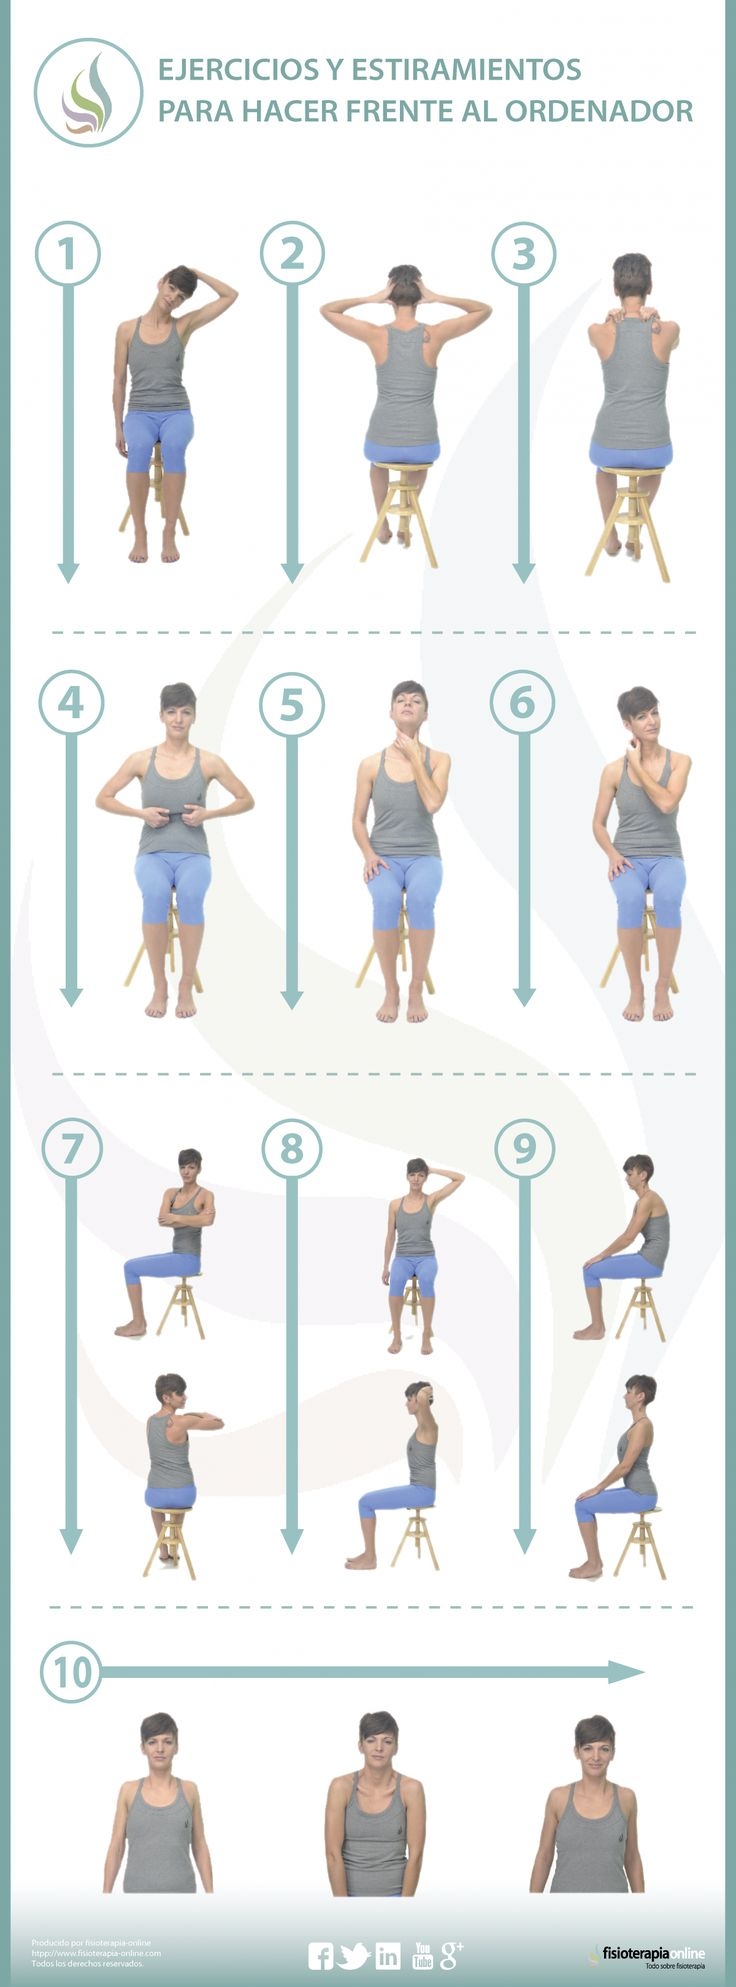 10 ejercicios para hacer frente al ordenador y cuidar tu espalda